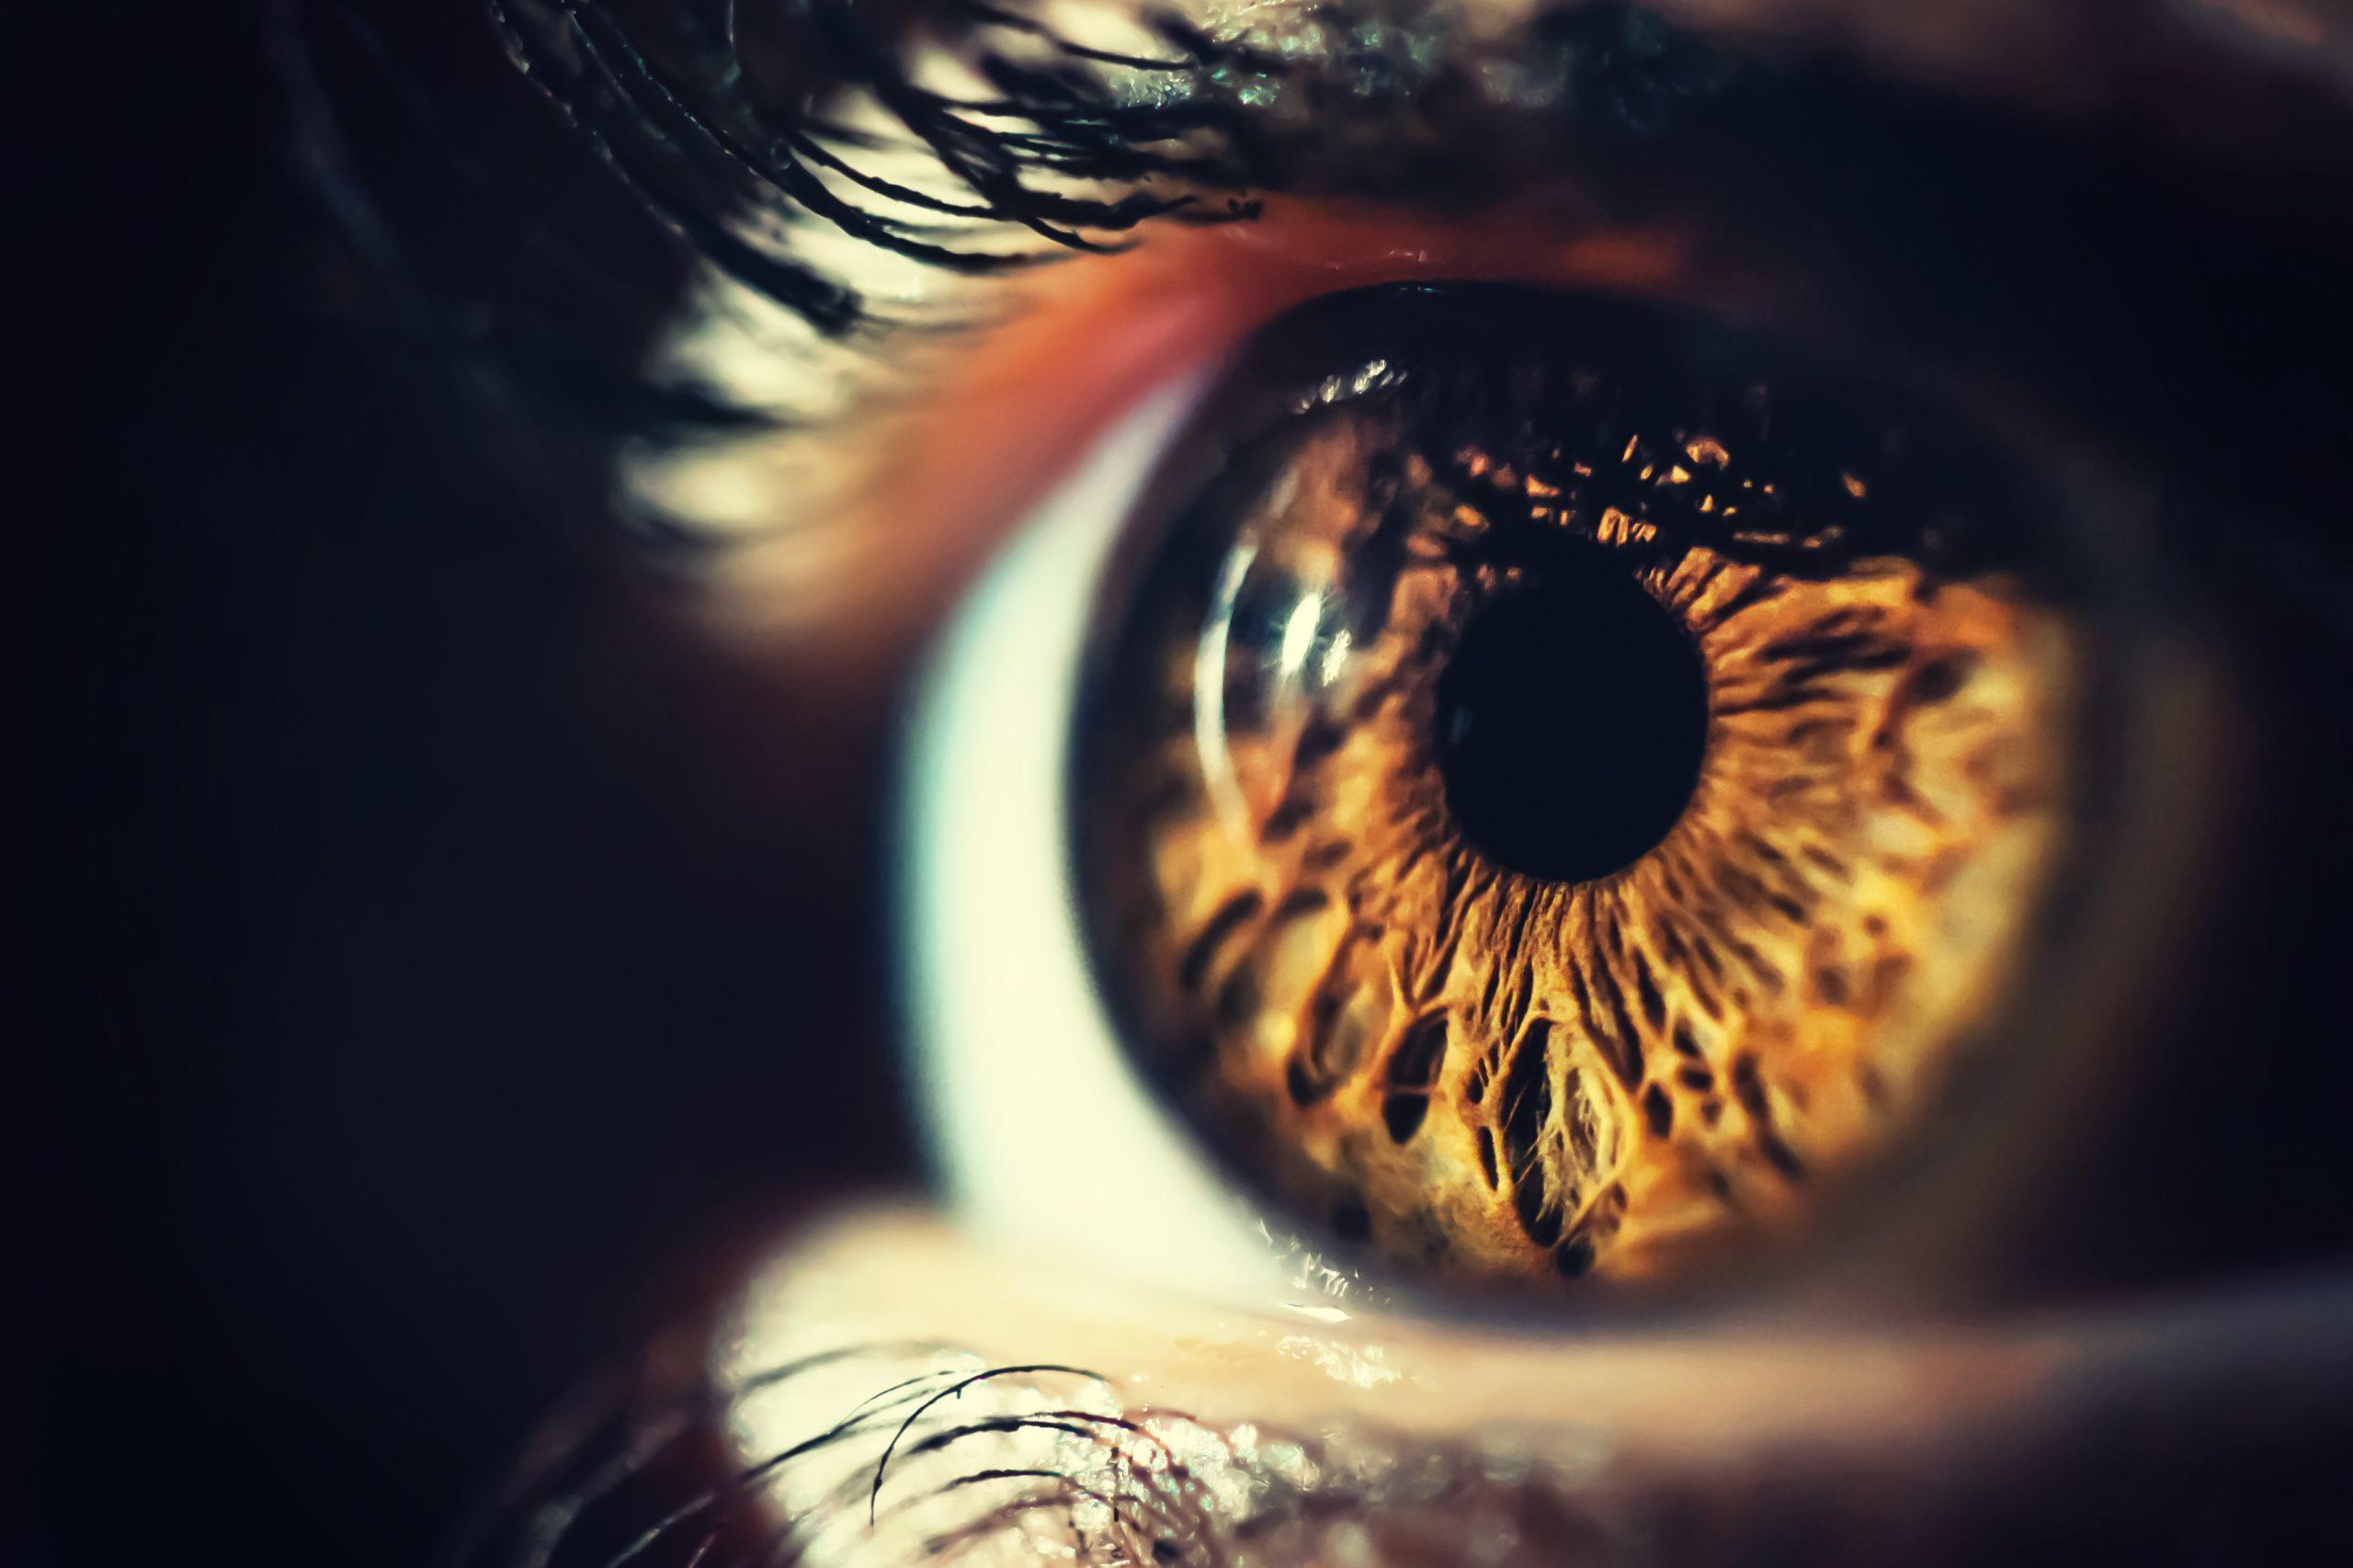 Veure bé no és sinònim de salut visual